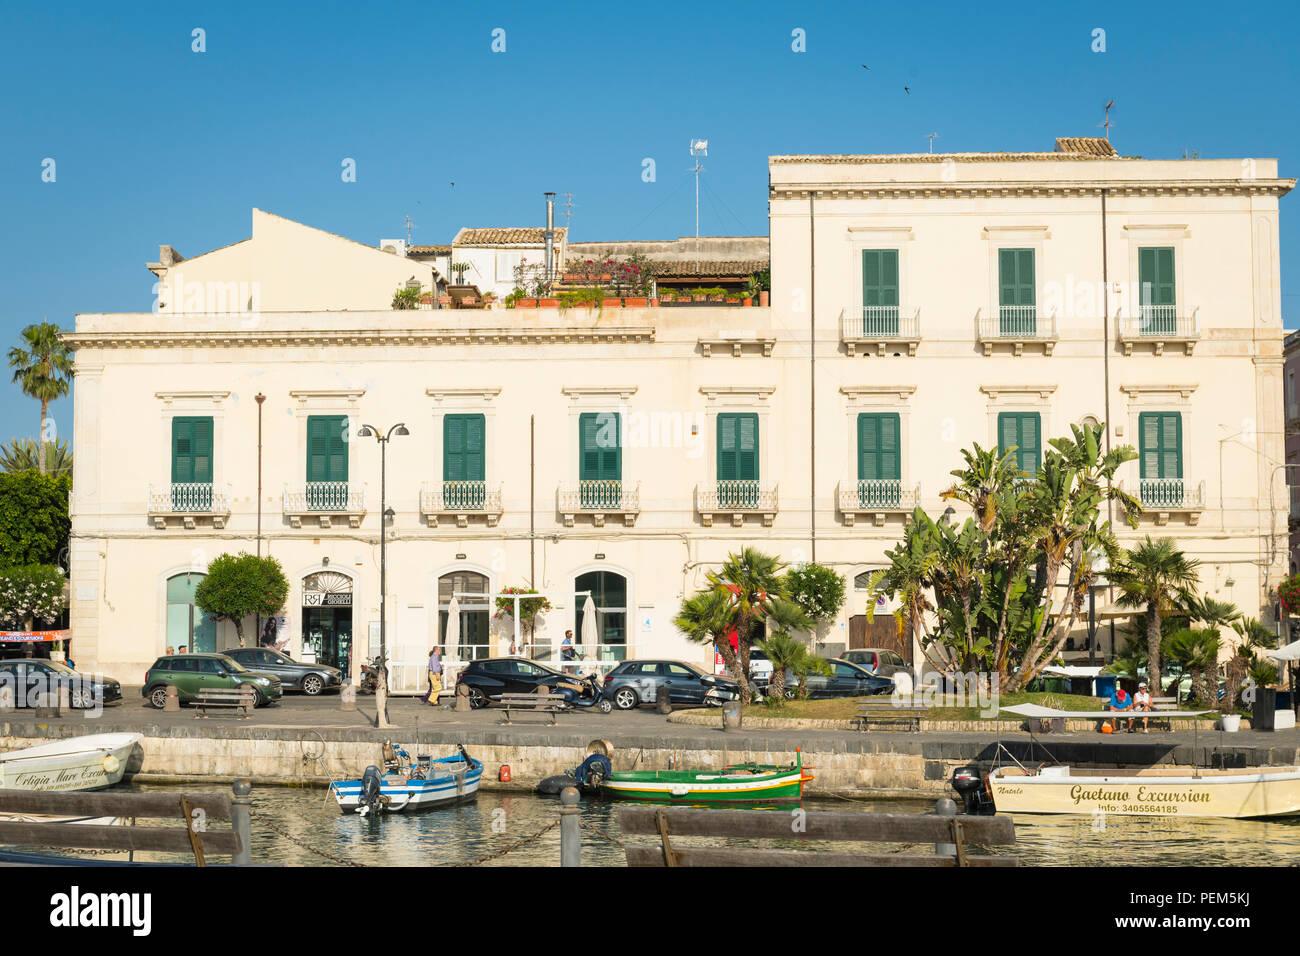 Italien Sizilien Syrakus Siracusa Ortygia Damm Kai Palm Tree Boote